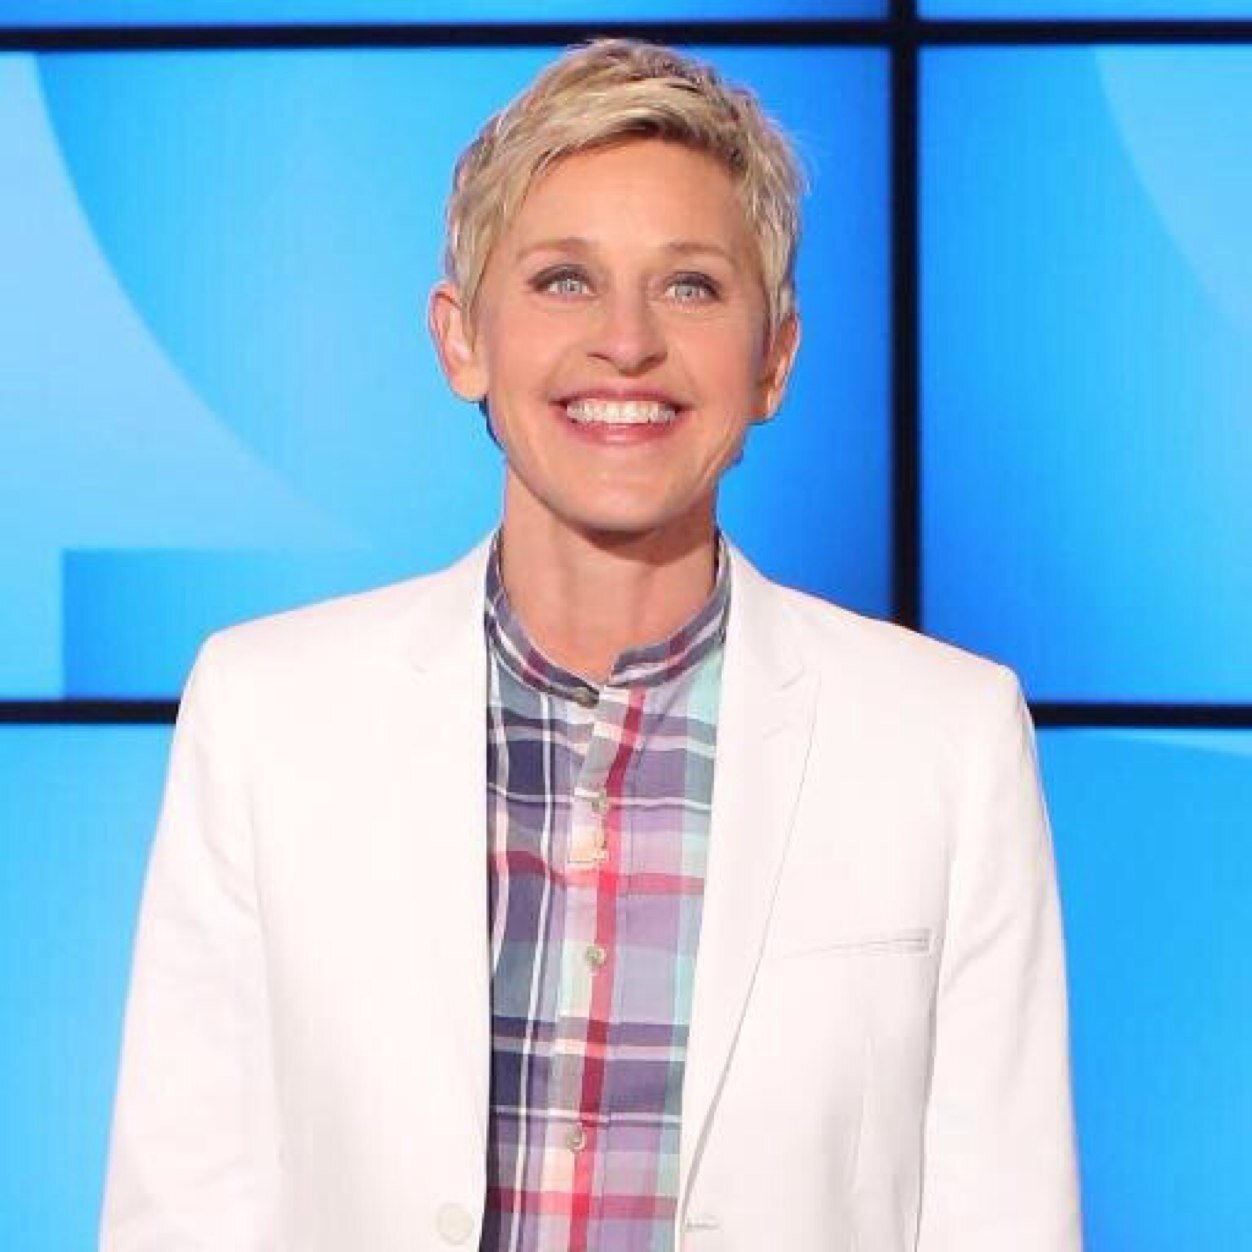 Ellen degeneres thellenshow twitter for How is ellen degeneres